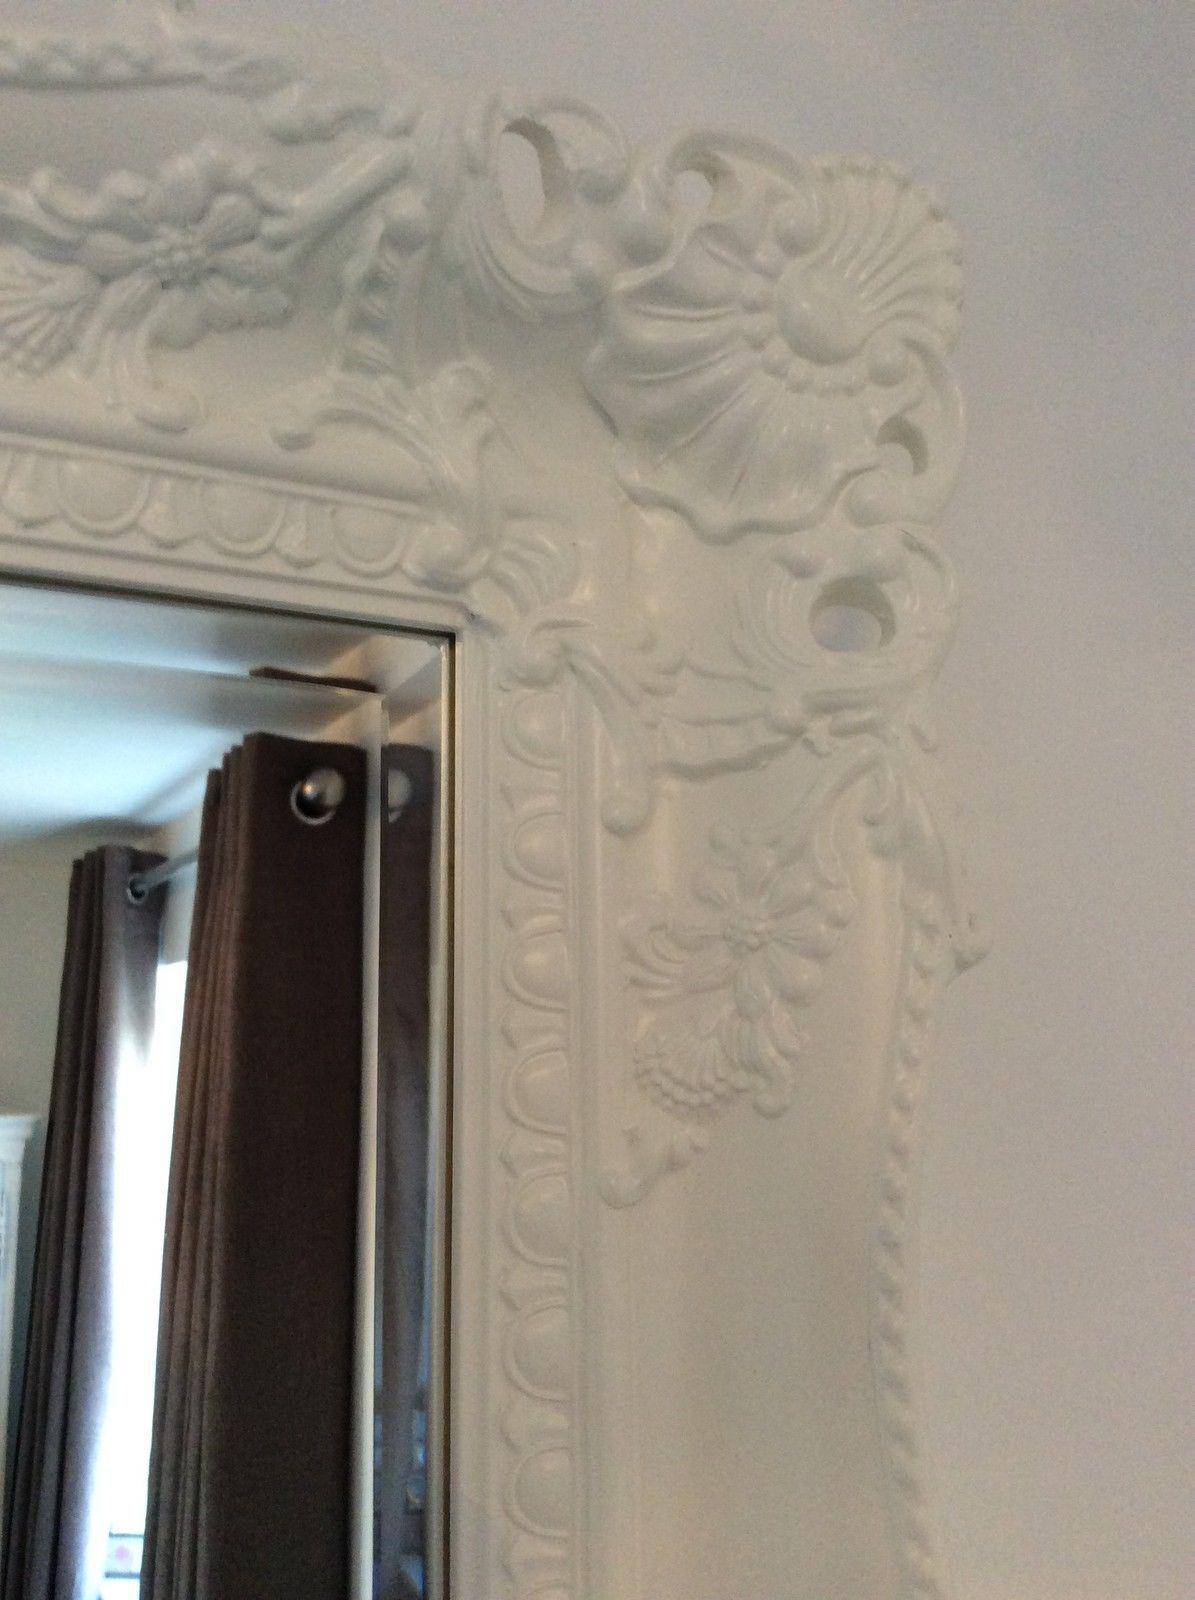 X large white shabby chic ornate decorative wall mirror for Large white framed wall mirror